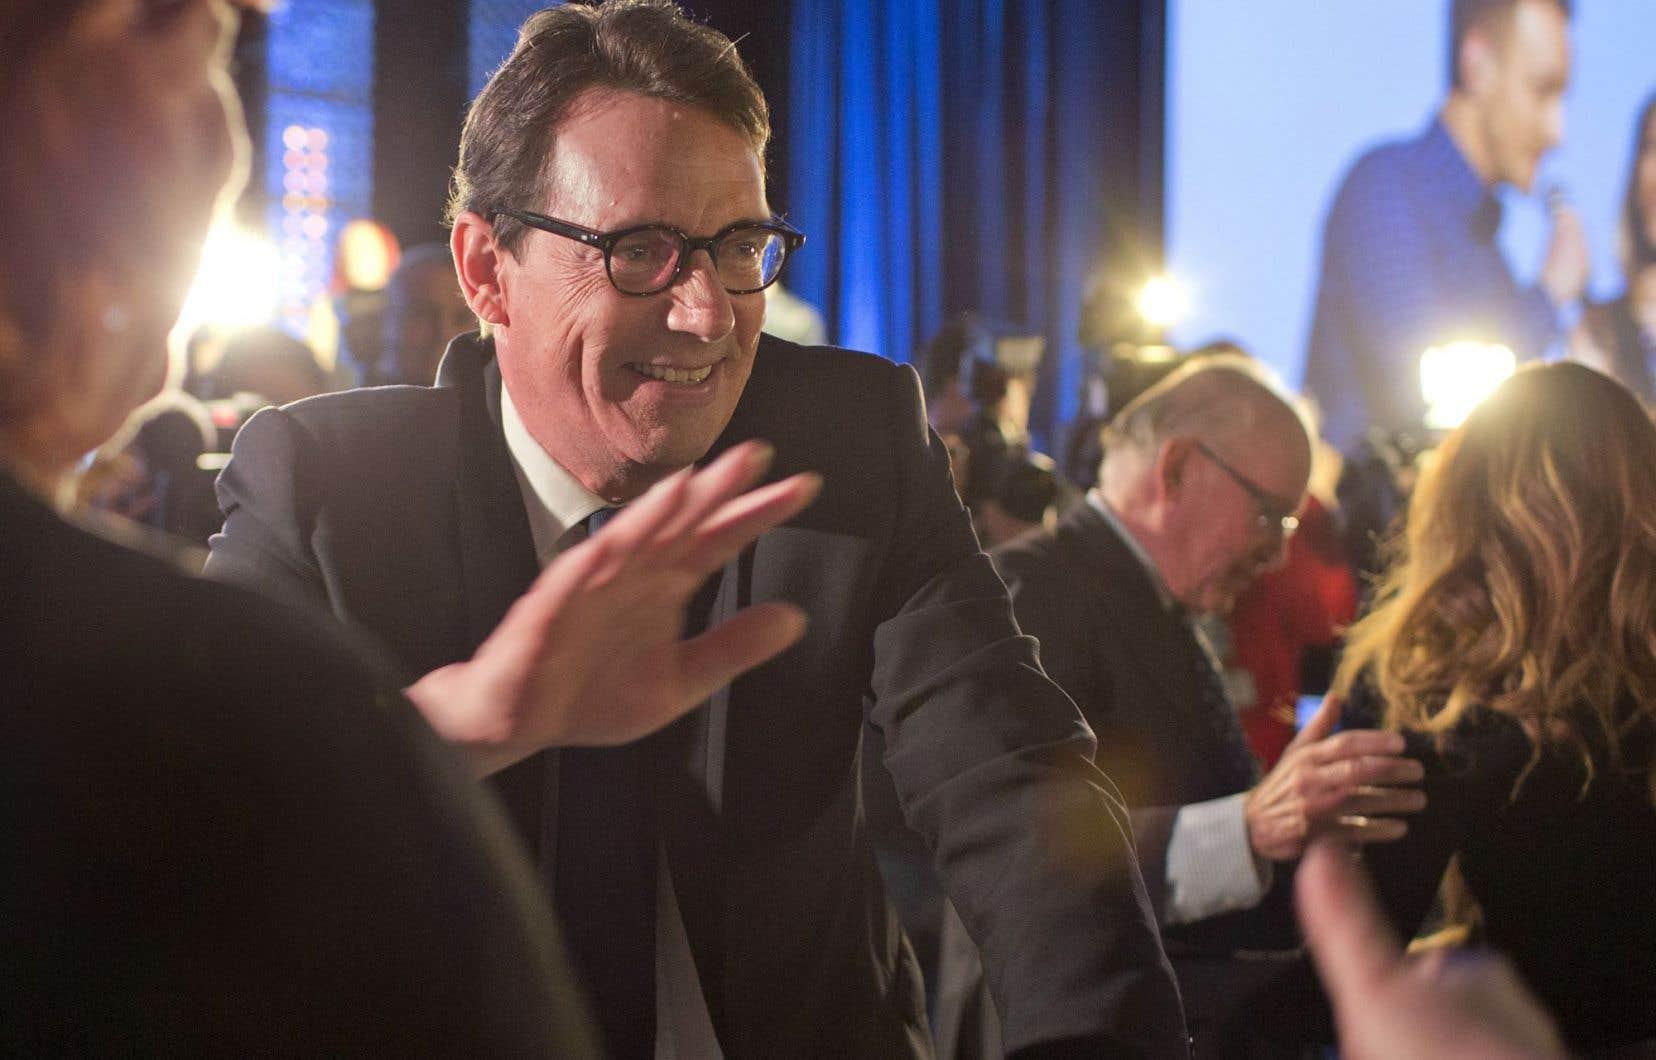 Depuis ses débuts en politique, notamment lors d'un débat à l'Université de Montréal en 2014, Pierre Karl Péladeau s'est dit prêt à parler de la gratuité scolaire.